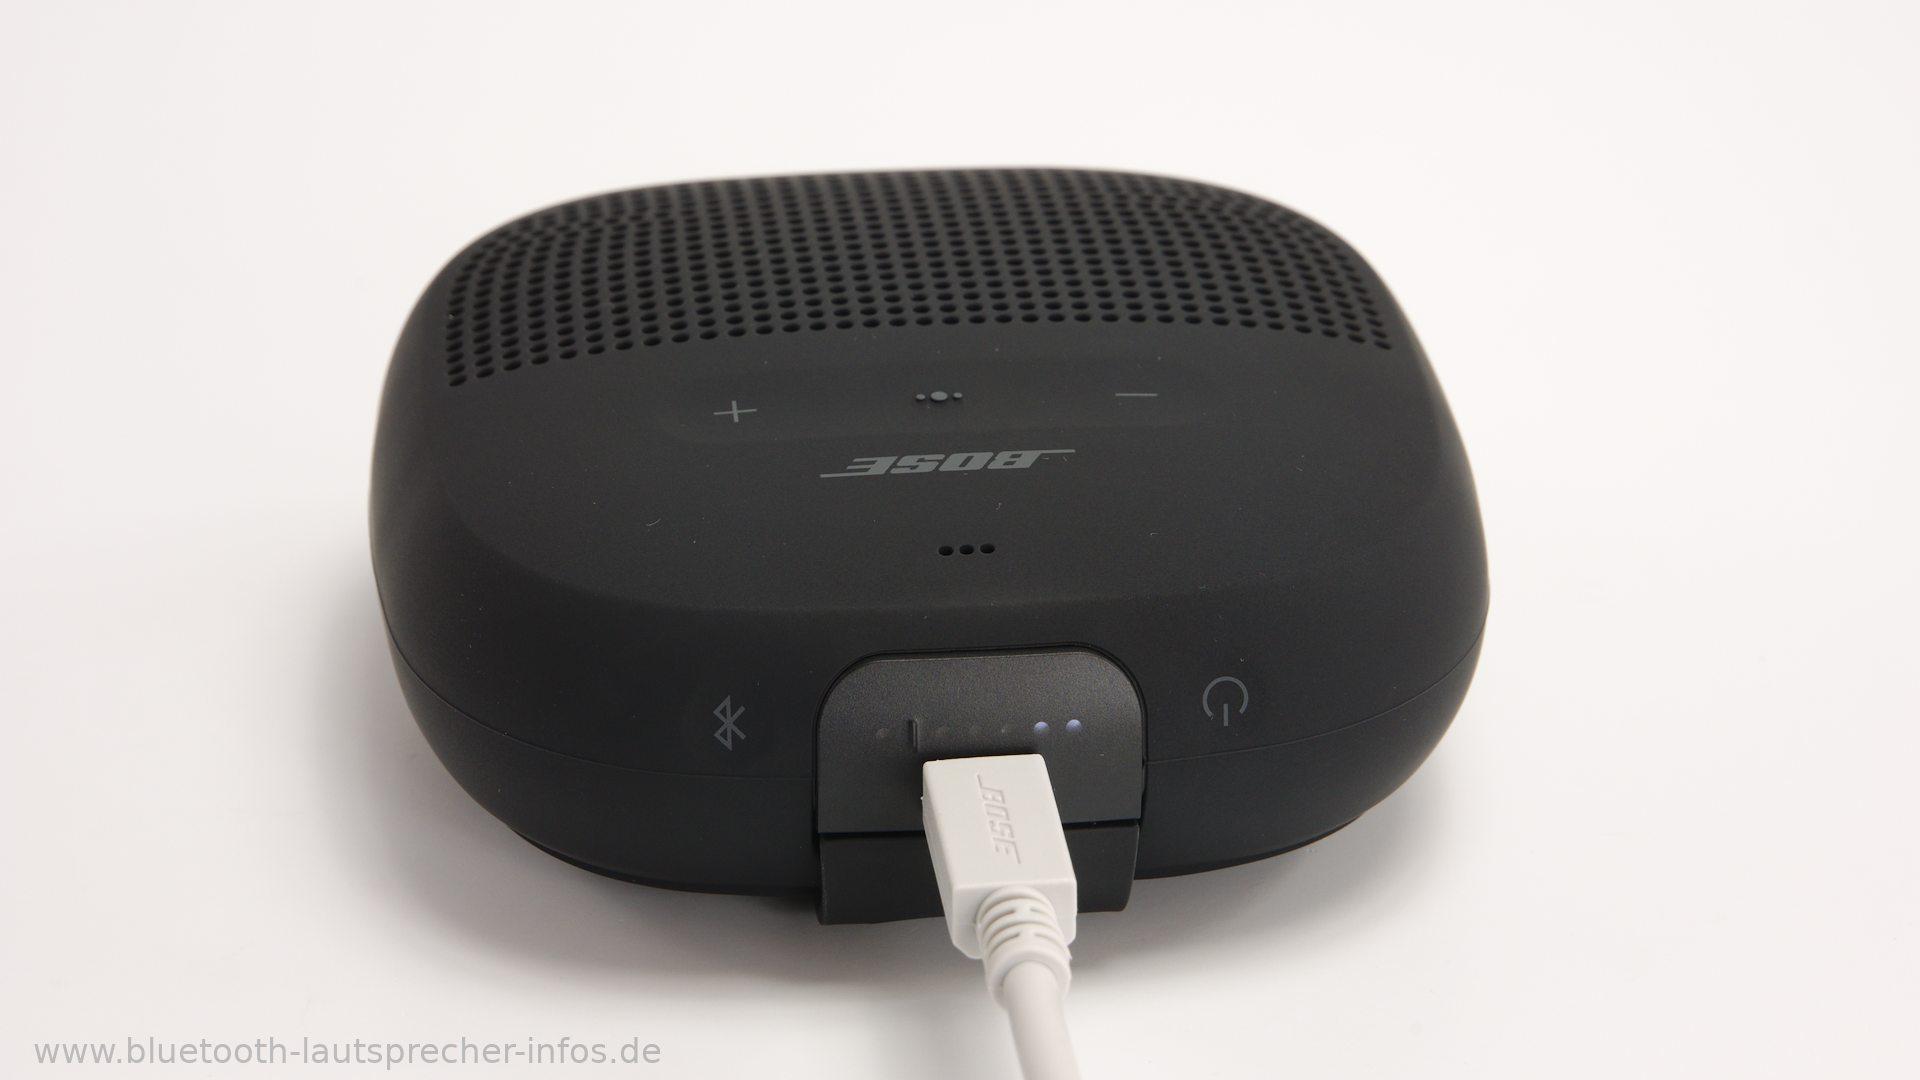 bose soundlink micro im test sehr kleiner bluetooth. Black Bedroom Furniture Sets. Home Design Ideas